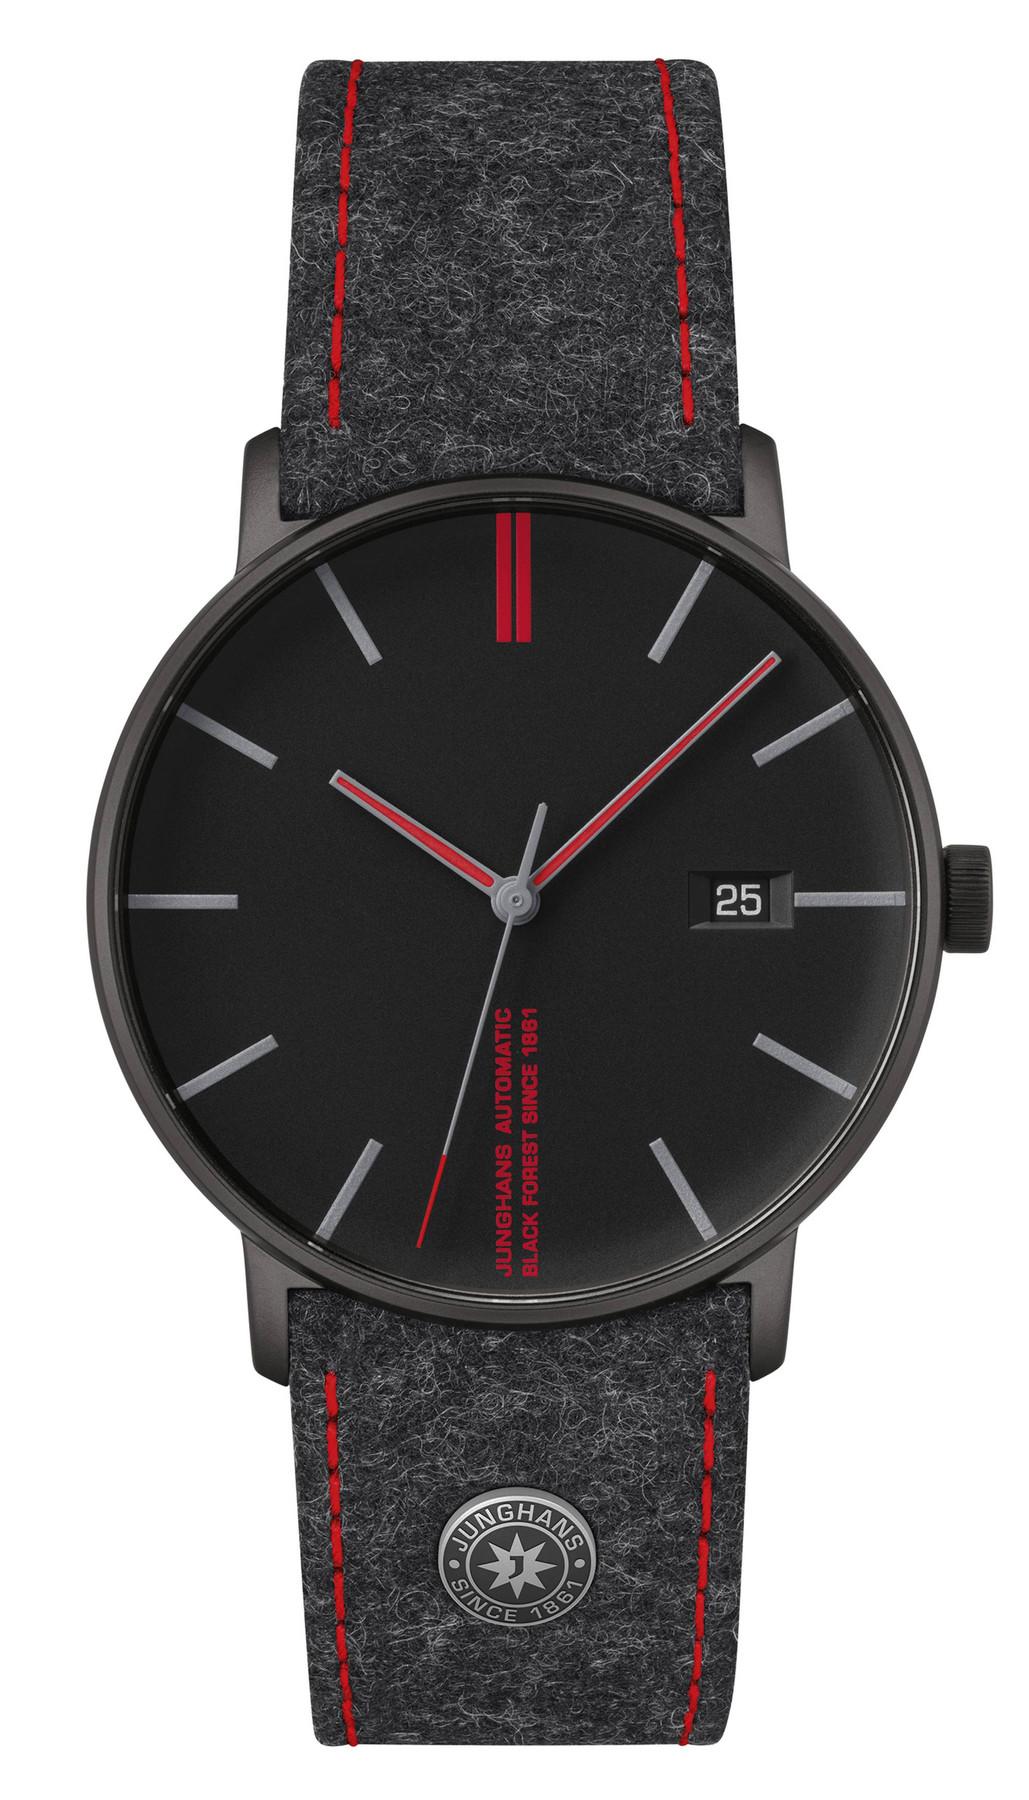 Junghans FORM A Automatik Armbanduhr 27/4131.00 Limited Edition